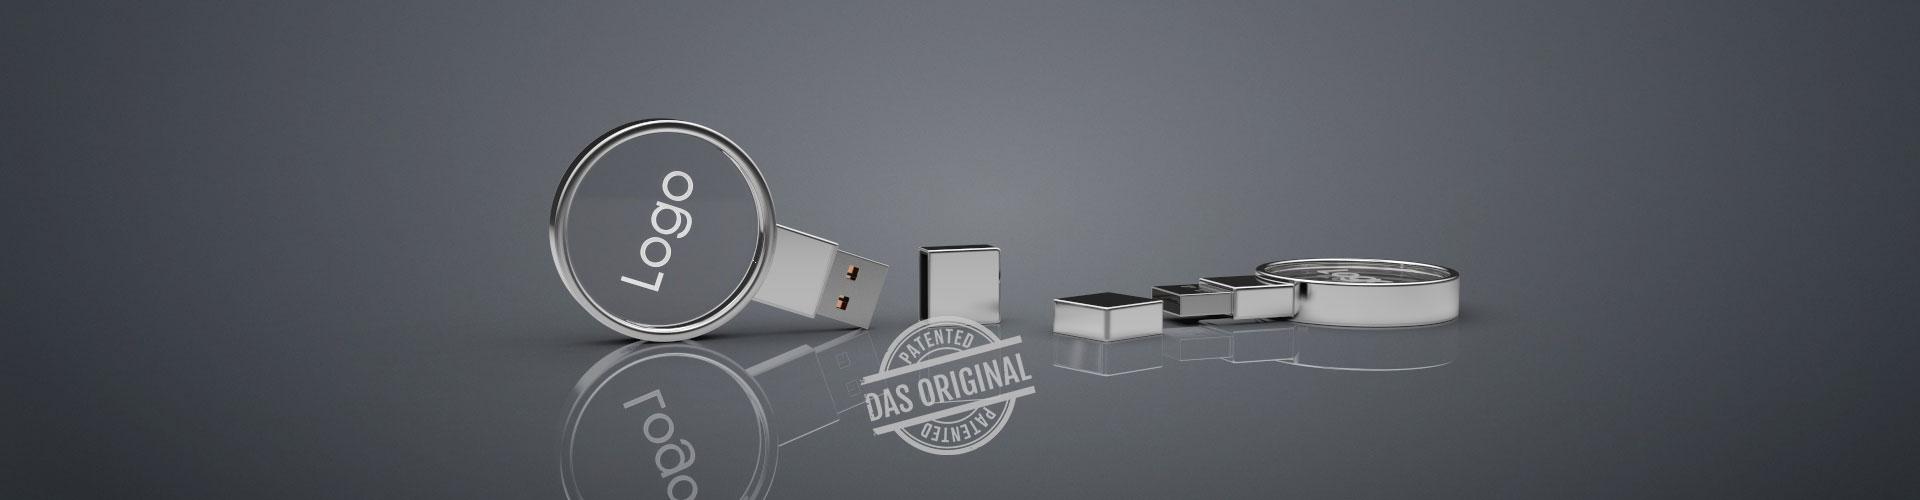 Zwei USB Sticks Crystal Circle aus Glas liegend